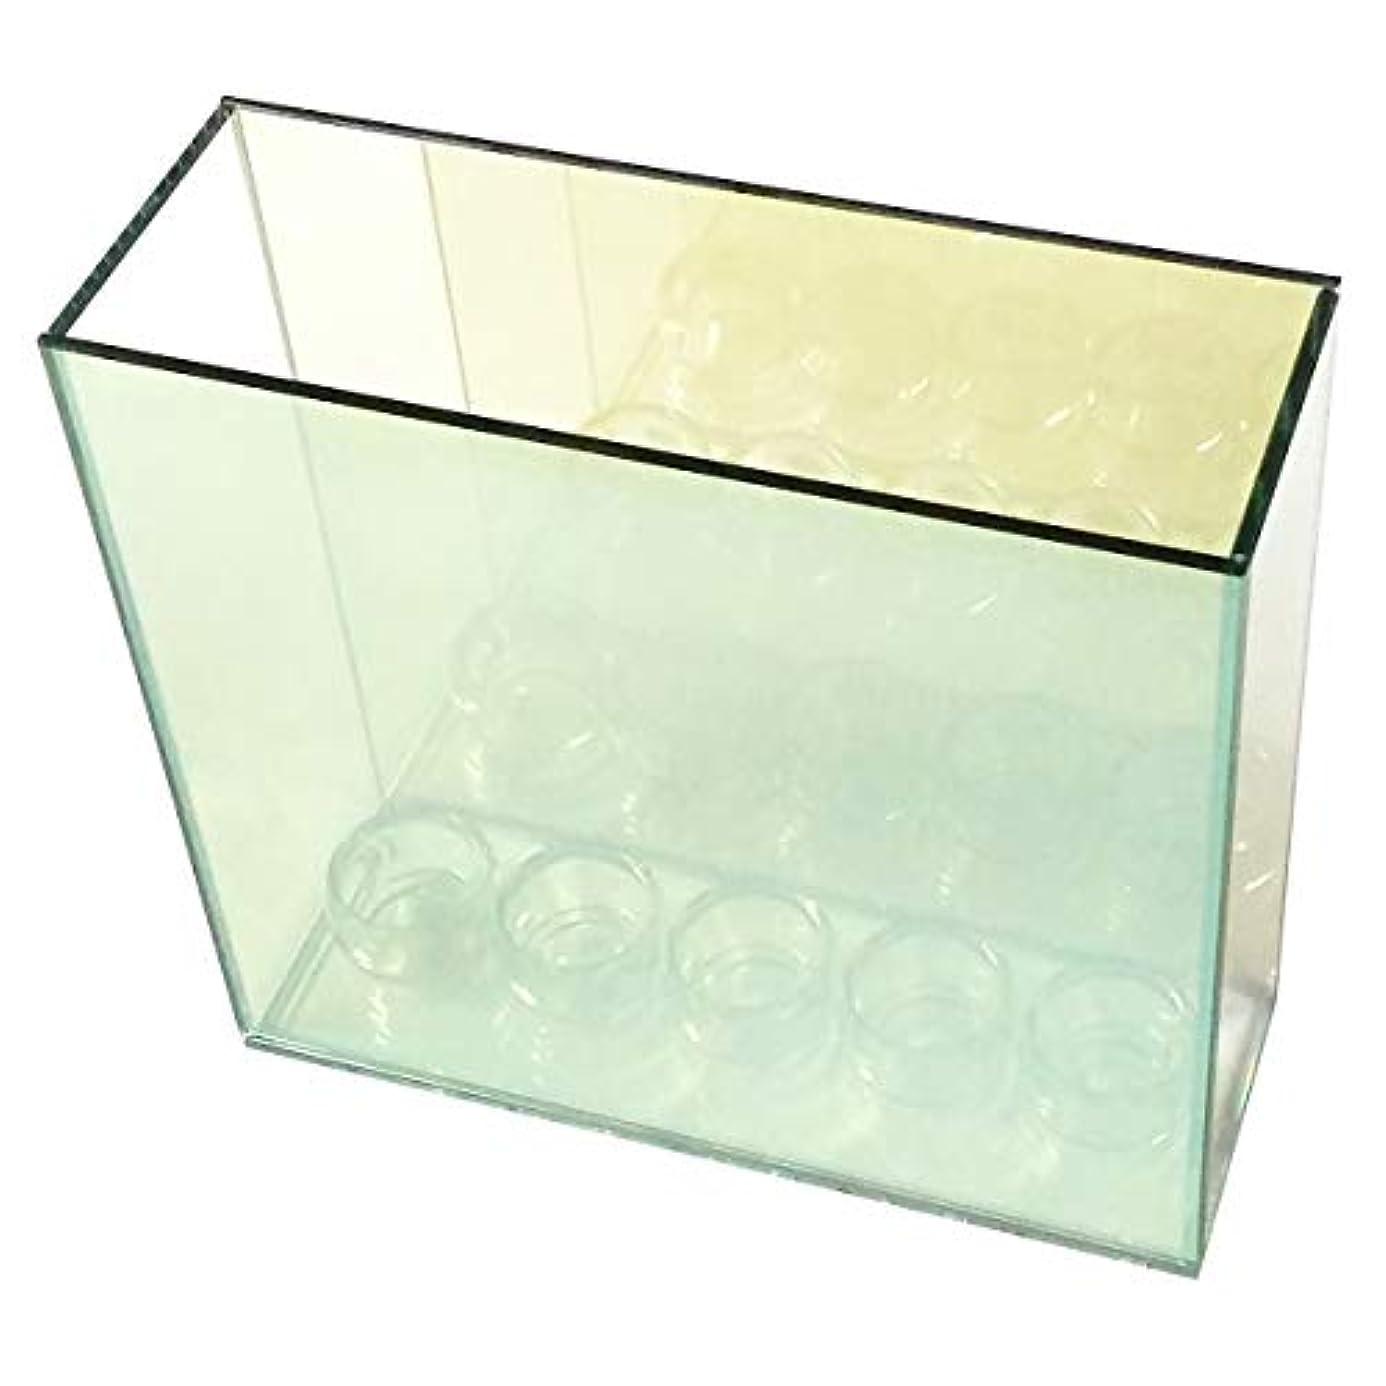 引き潮探す彼女の無限連鎖キャンドルホルダー 5連 ガラス キャンドルスタンド ランタン ティーライトキャンドル